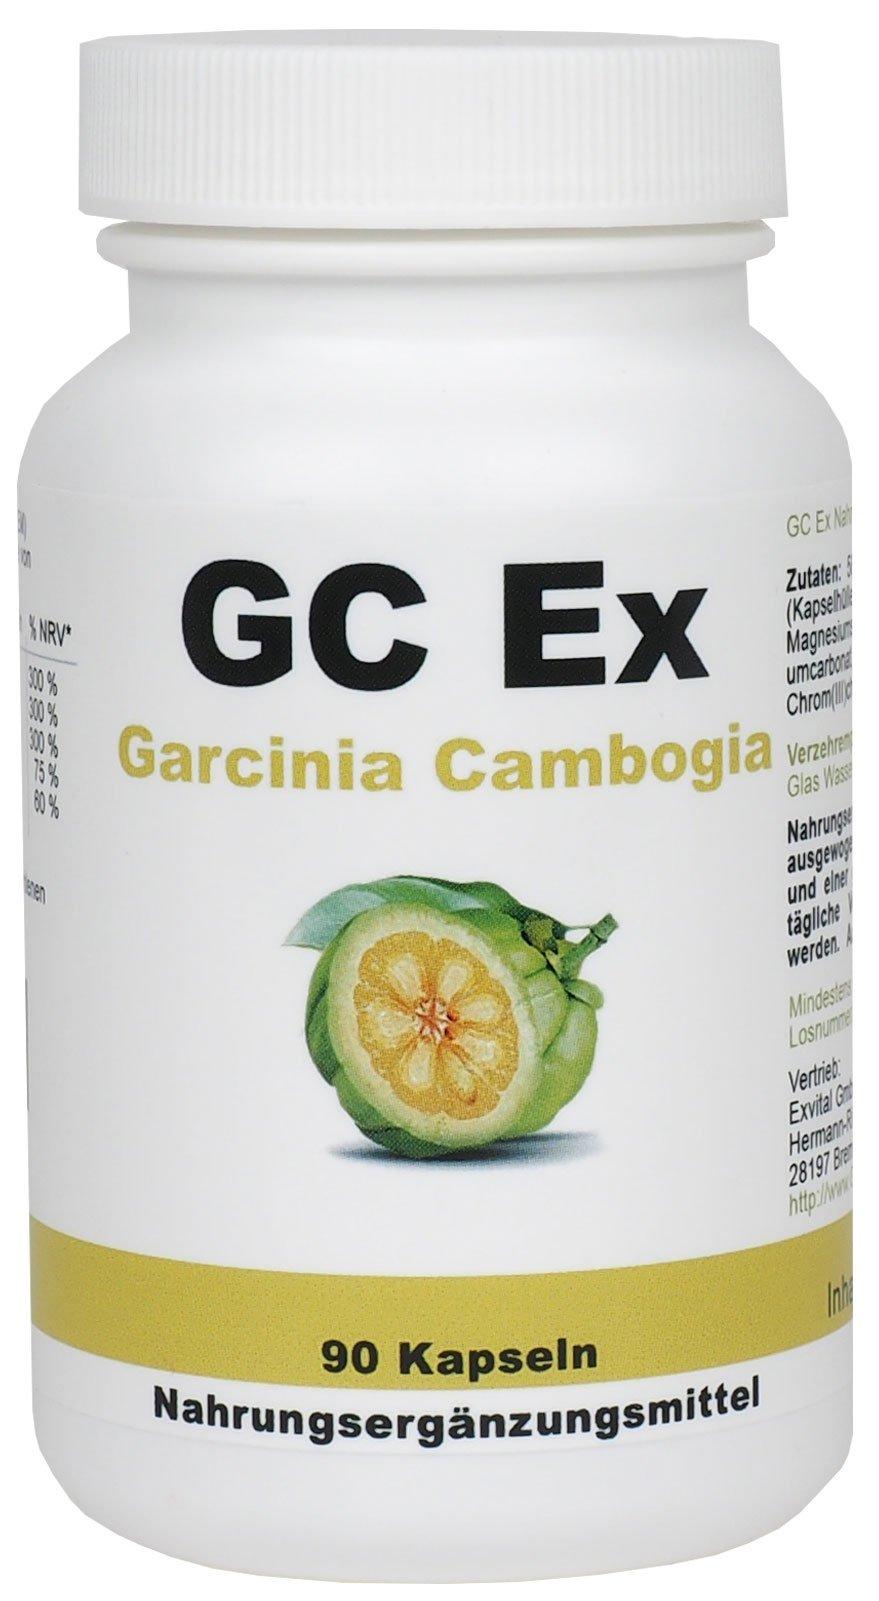 GC Ex, 1500 mg Garcinia Cambogia Extrakt, 90 Kapseln in Premiumqualität, hochdosiert, 100% natürlich 1er Pack (1x 77g) product image